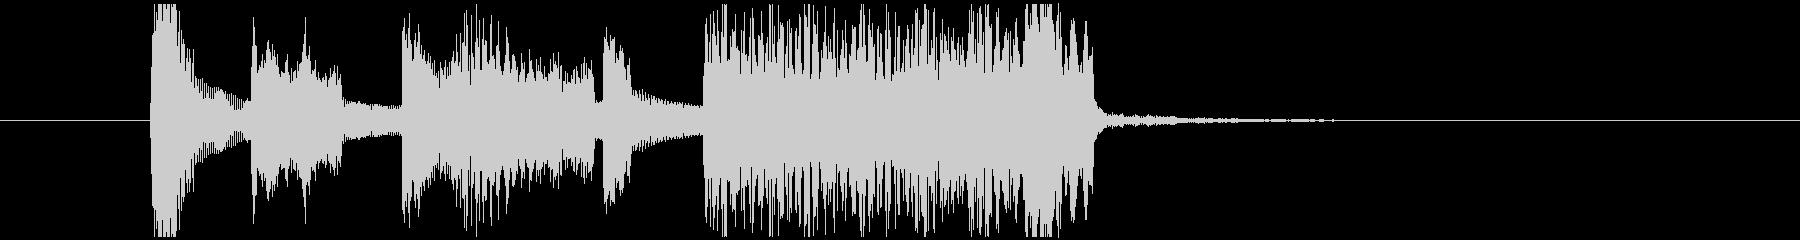 オルガンと木琴のポップなジングルの未再生の波形